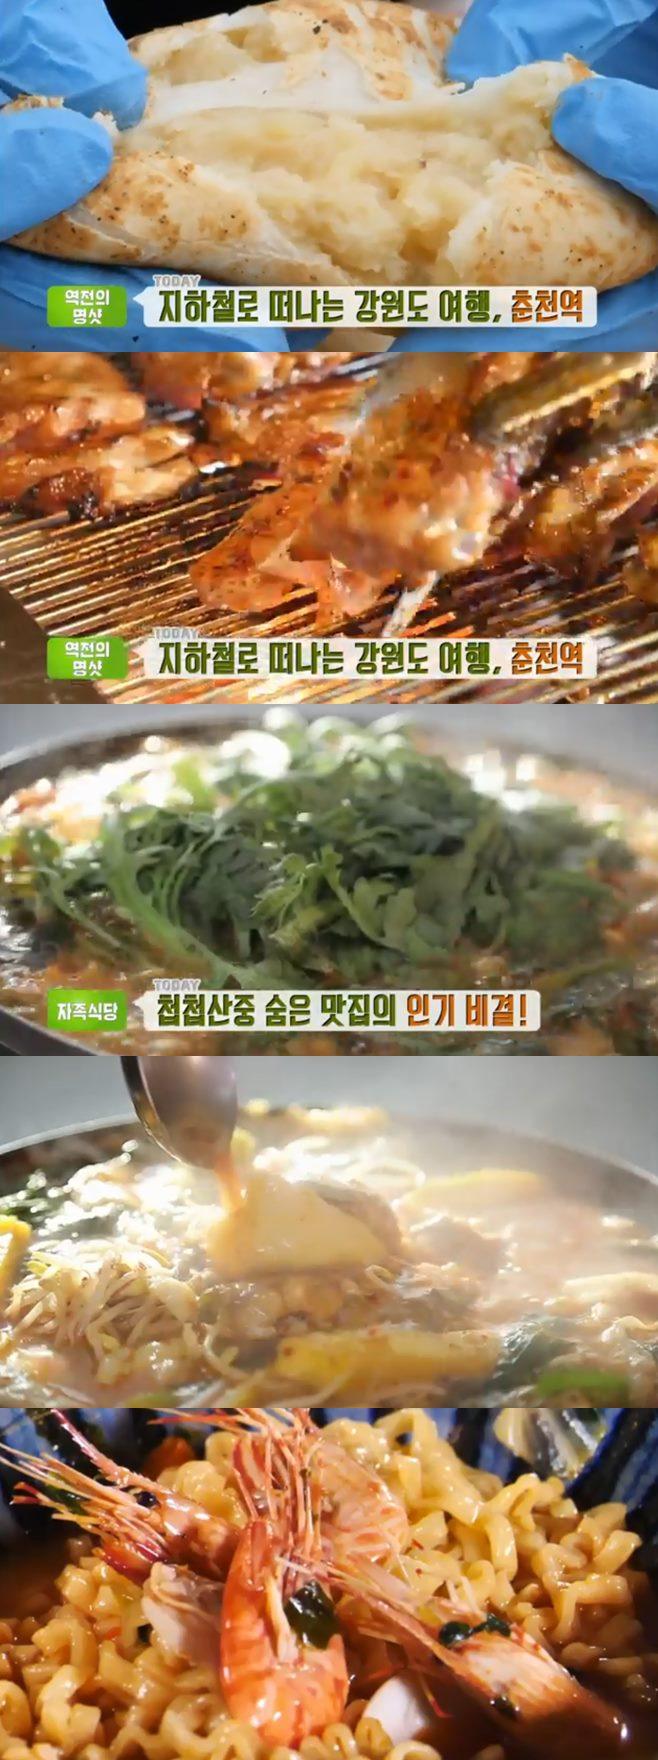 '생방송투데이' 자족식당 메기매운탕(양어장집)+꽃새우영번지+타이거새우구이(양화진)+춘천감자빵 맛집